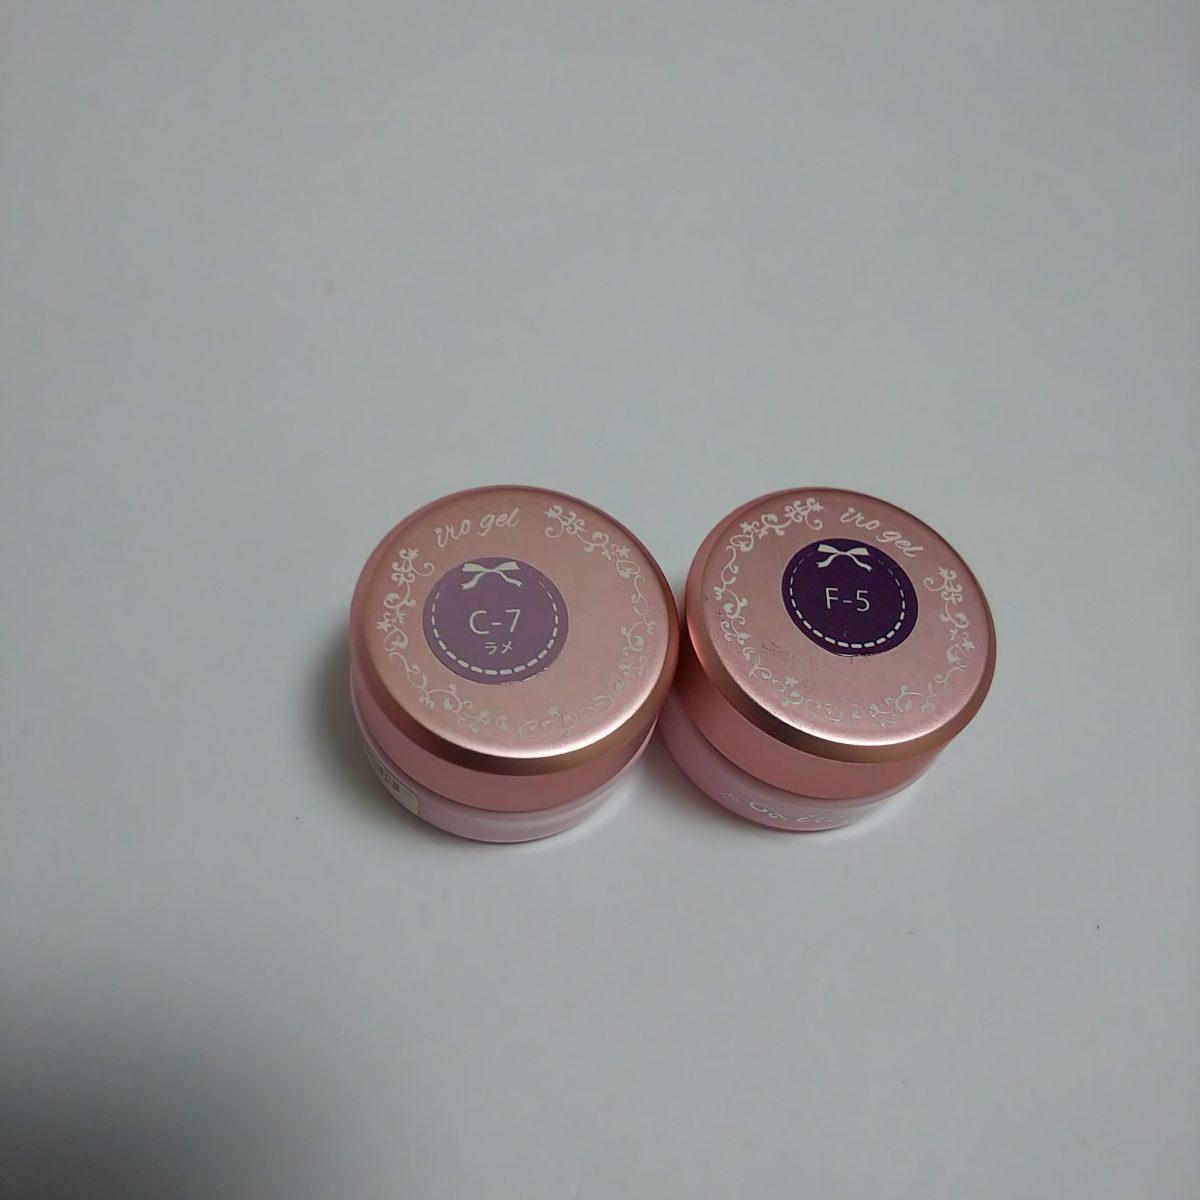 大人な紫陽花ネイル irogel